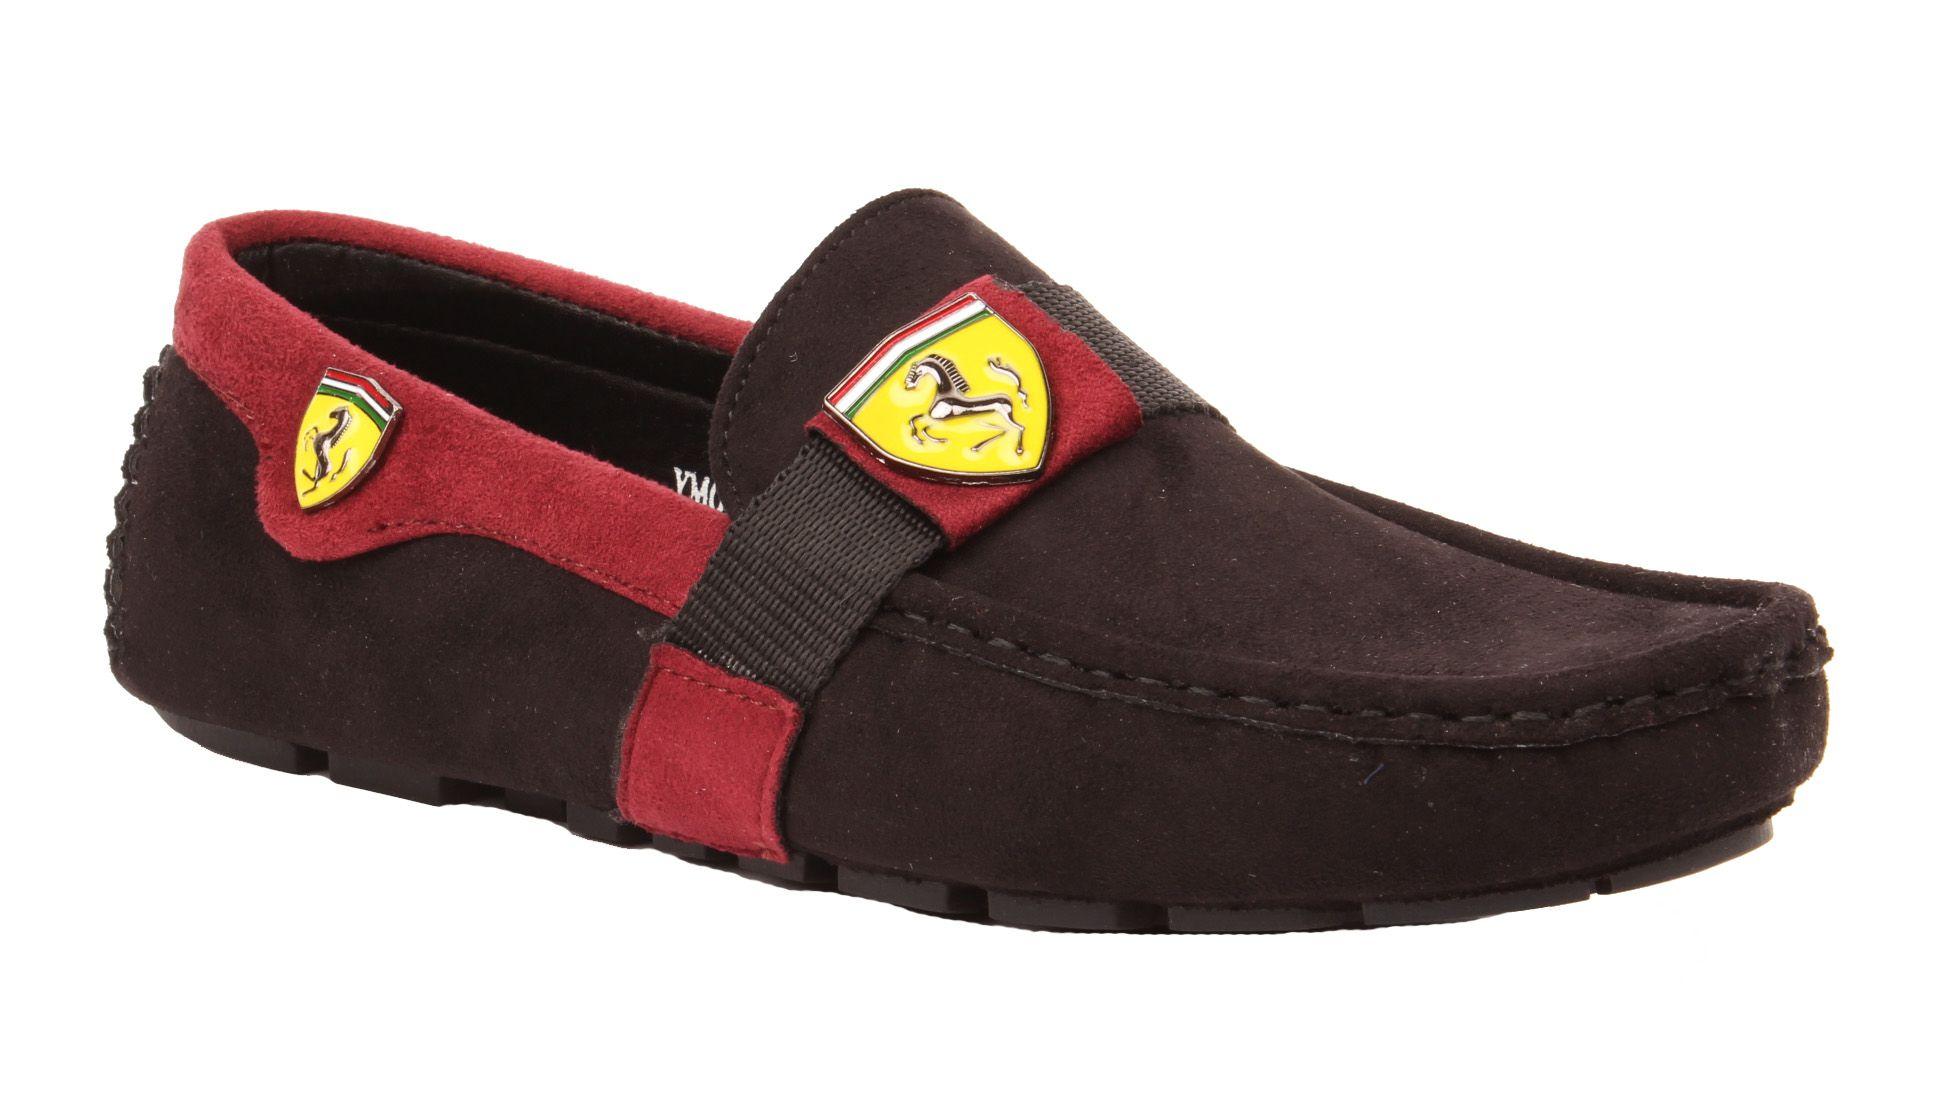 fc kids footwear price in india buy fc kids footwear